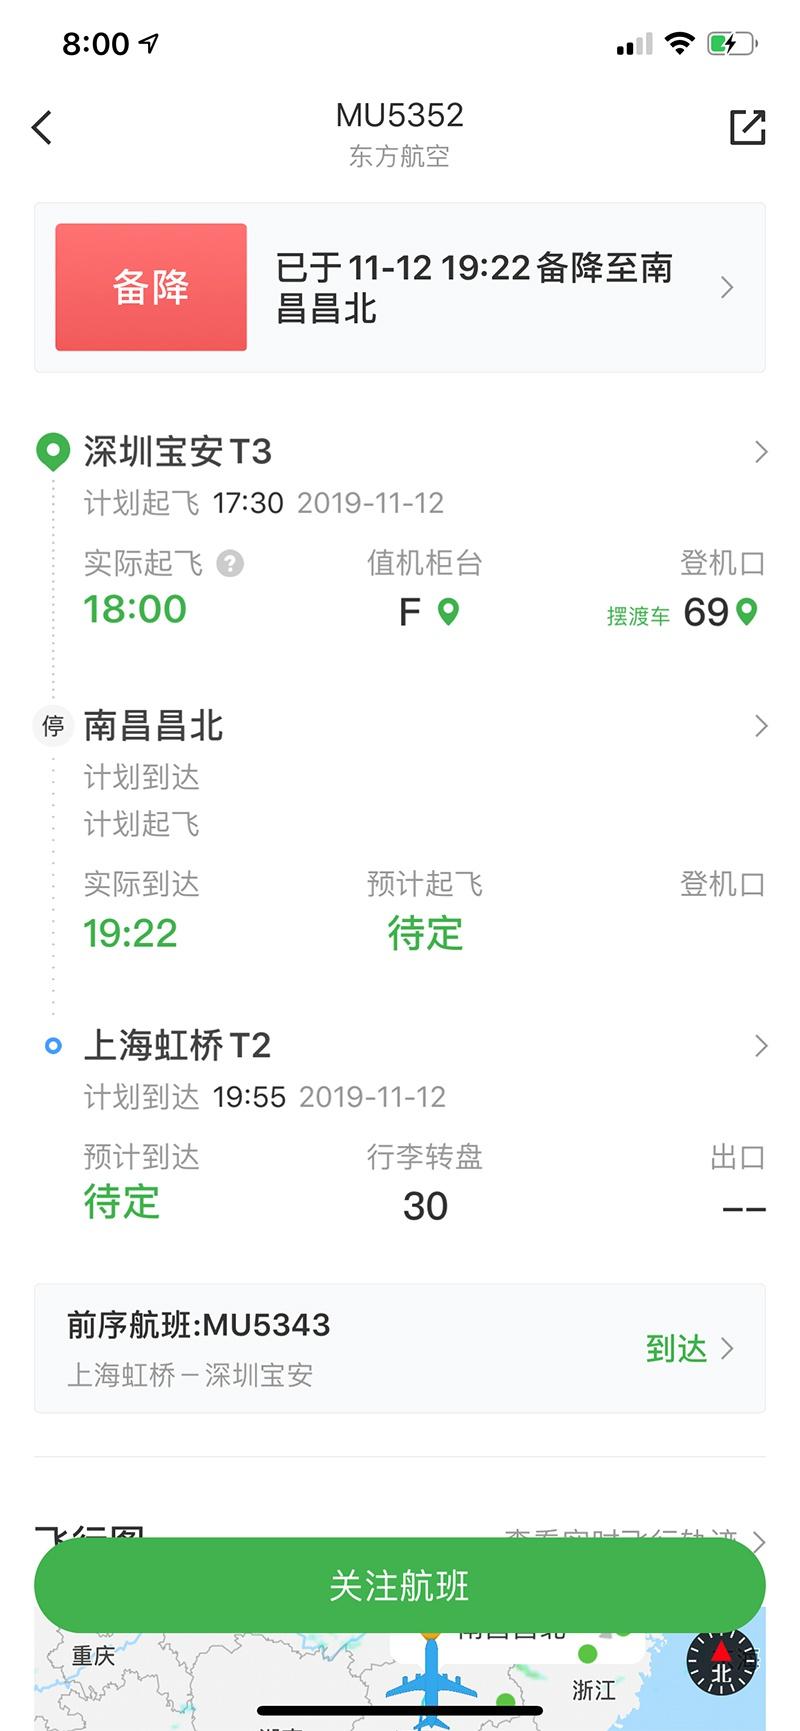 「澳门盈胜城网上娱乐」摩羯座、巨蟹座周运4.30~5.05|【需求伯乐、才比程连苏】